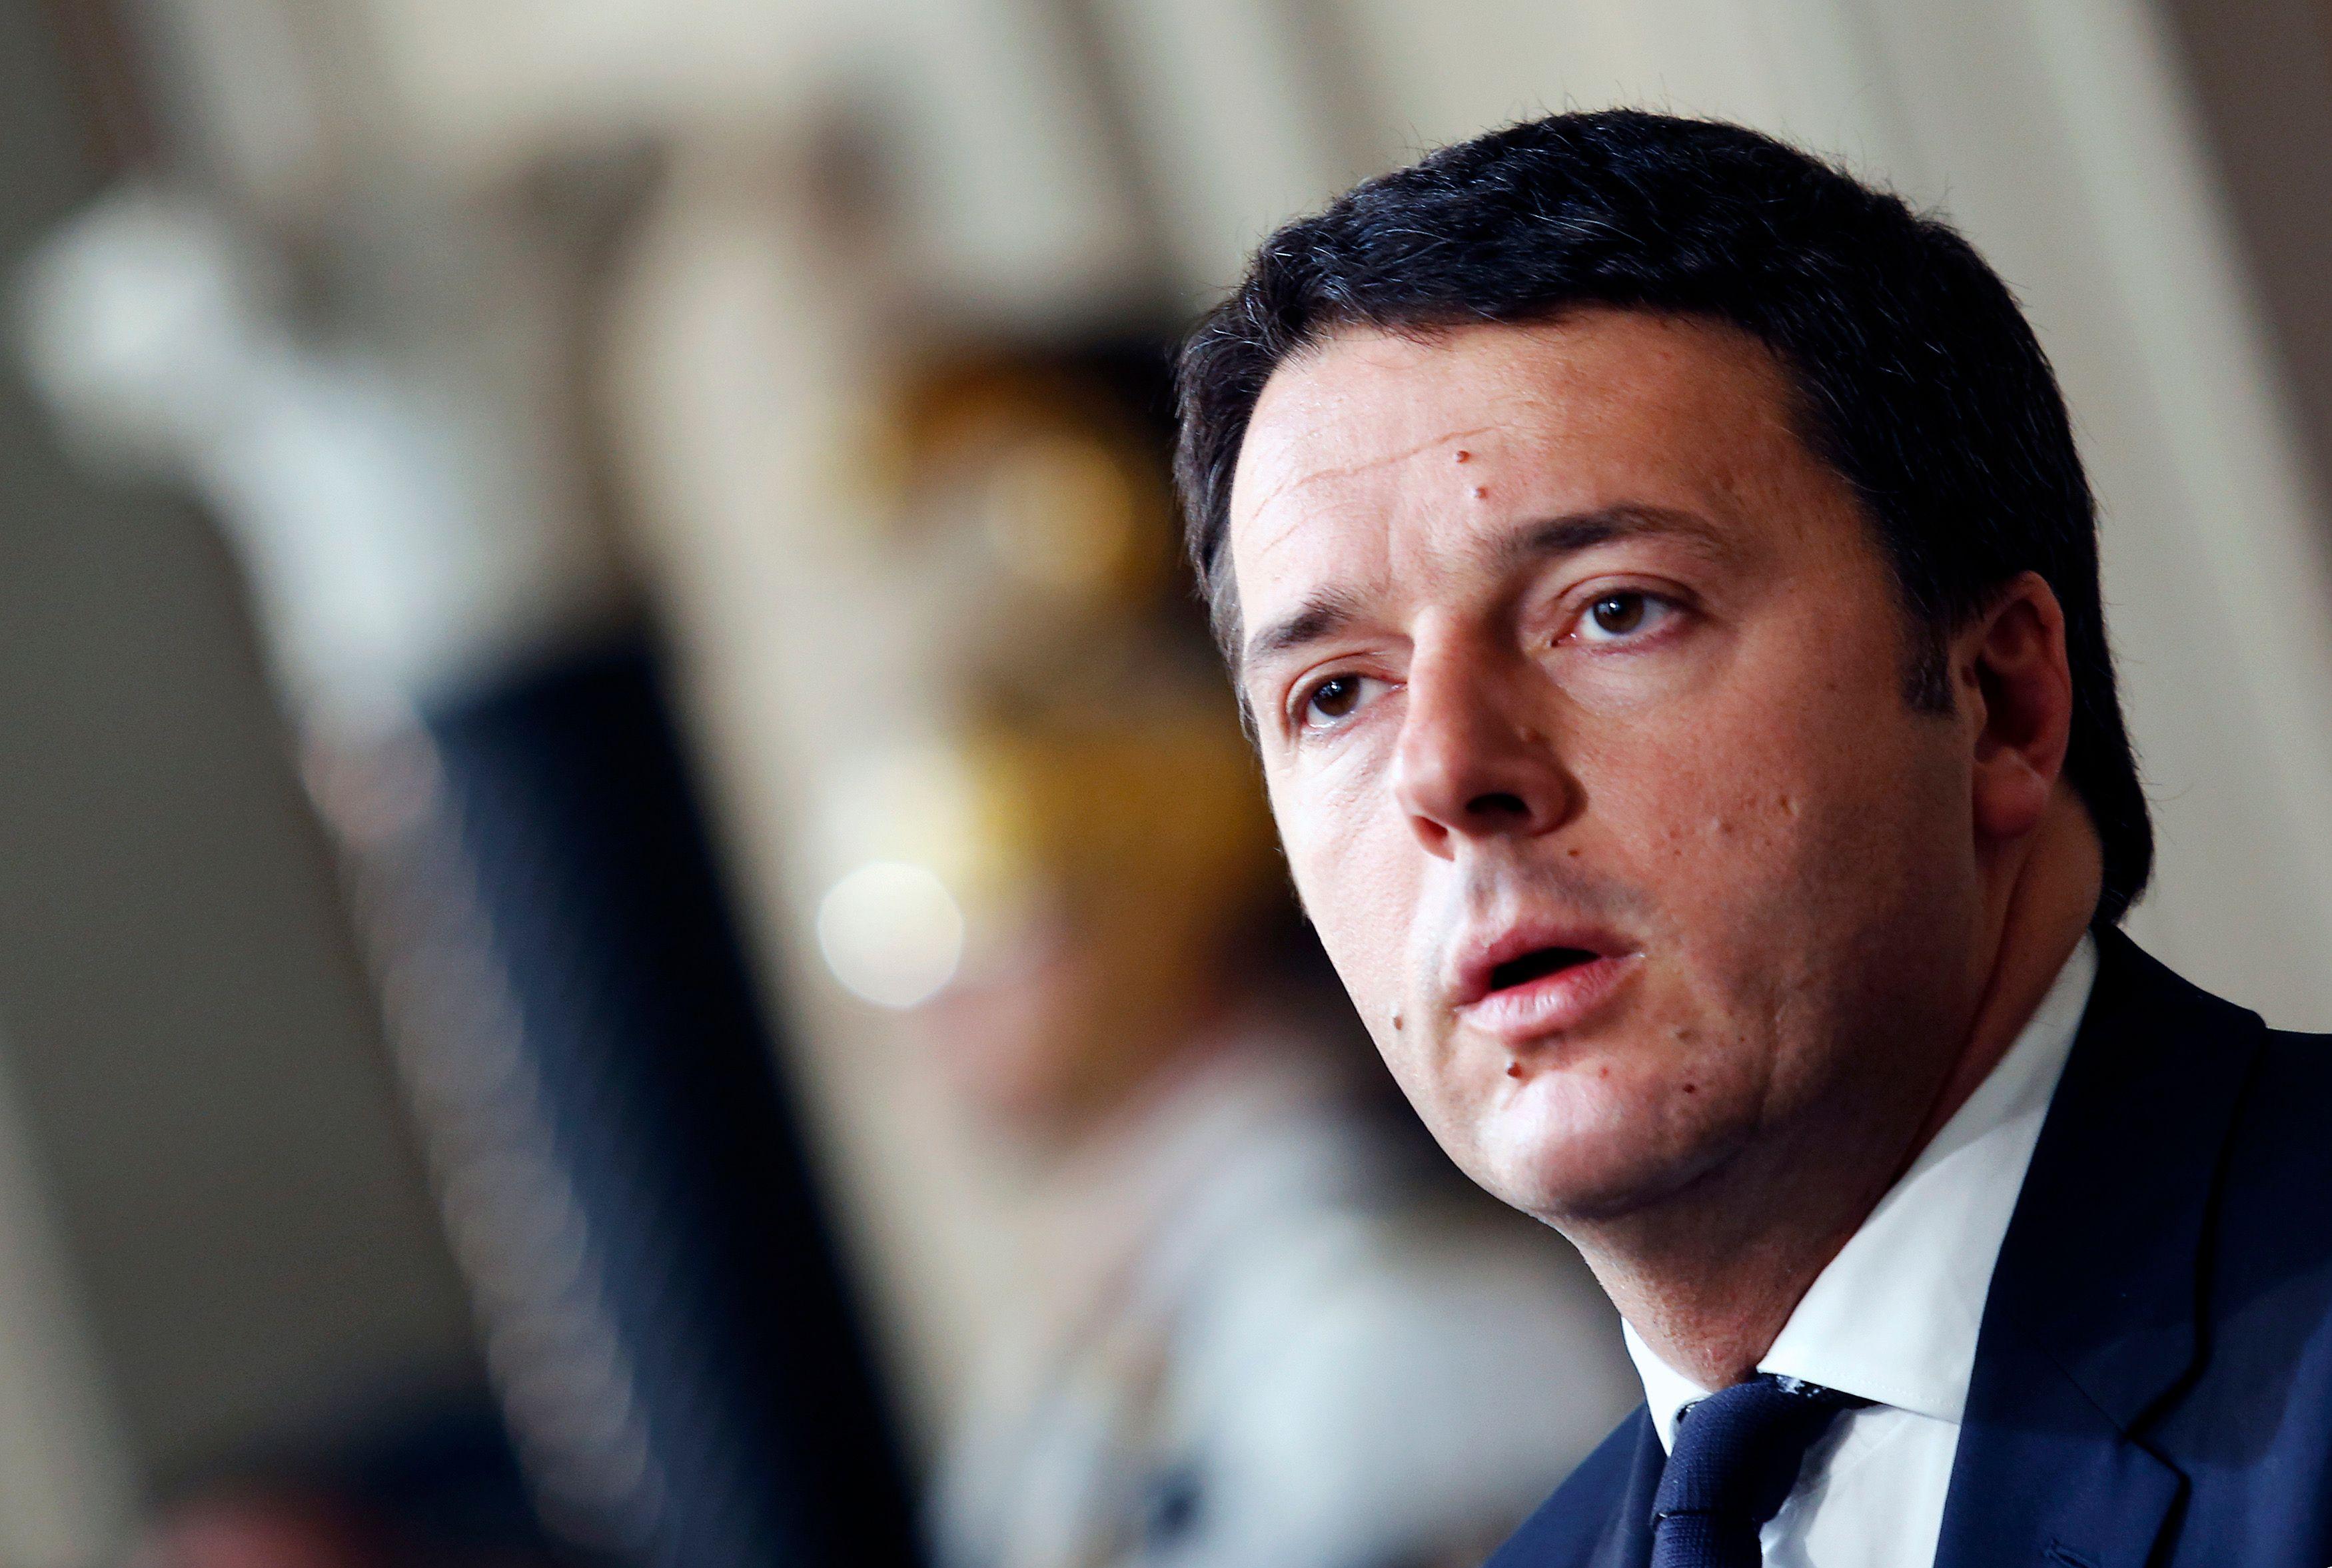 Italie : Matteo Renzi officiellement chargé de formerle gouvernement